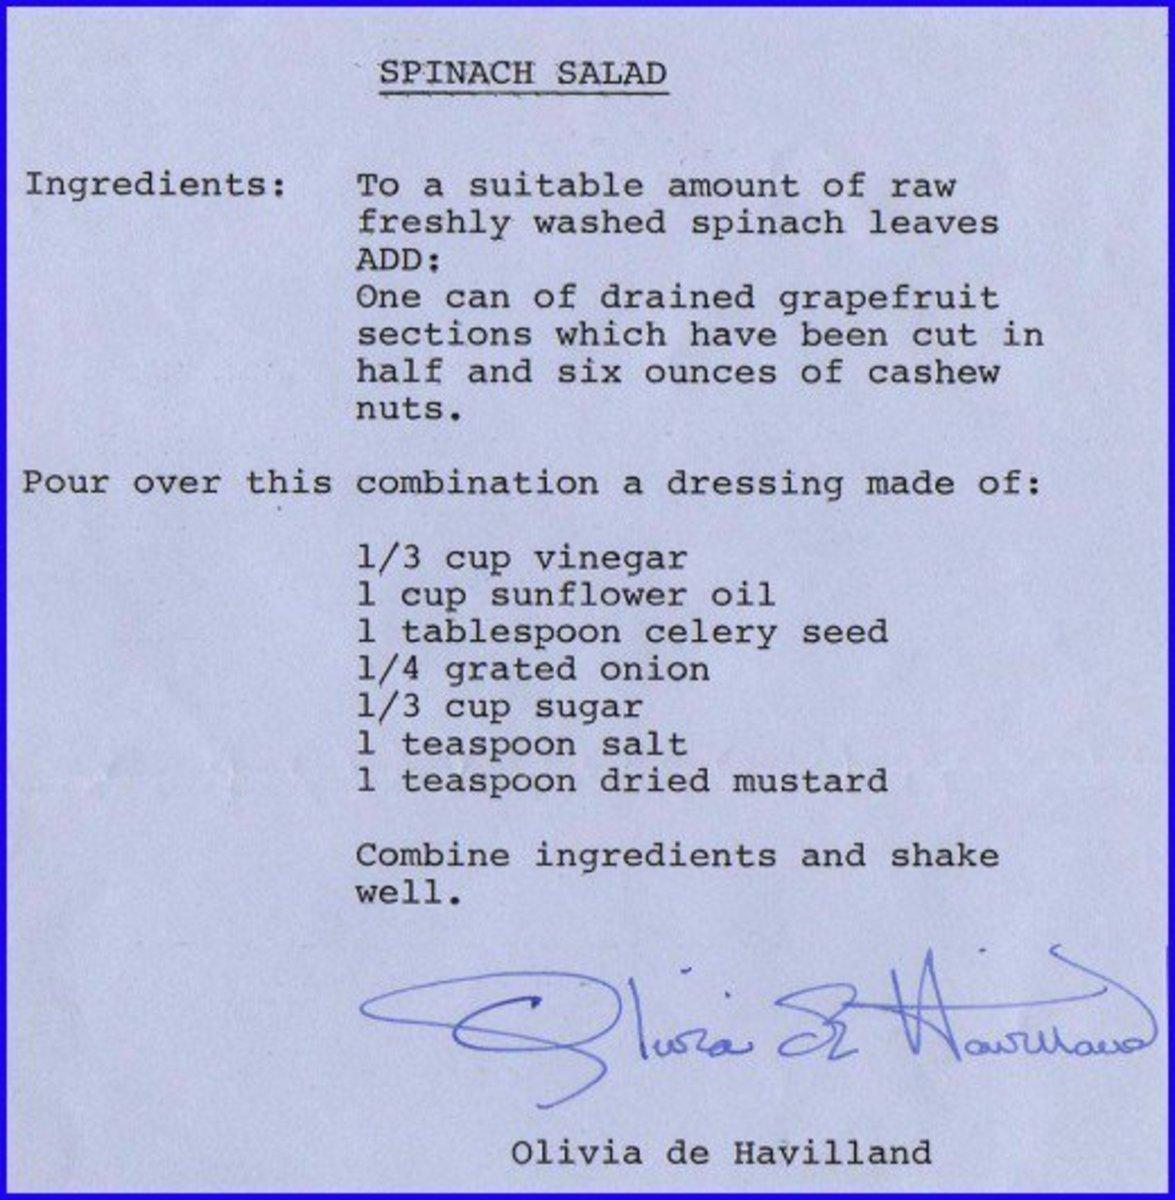 Olivia de Havilland loved a fresh spinach salad!